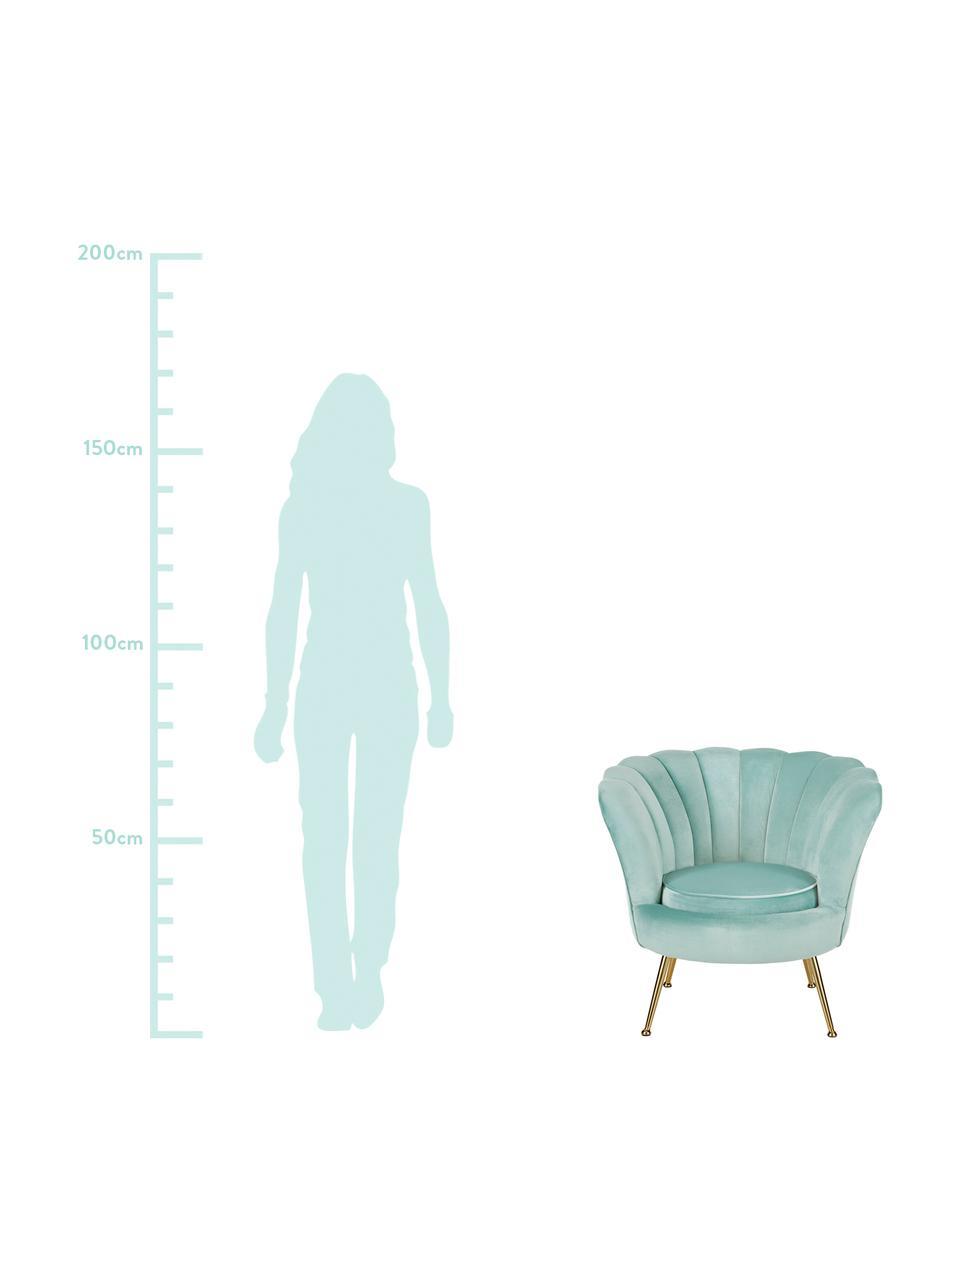 Fluwelen fauteuil Oyster in turquoise, Bekleding: fluweel (polyester), Frame: massief populierenhout, m, Poten: gegalvaniseerd metaal, Fluweel turquoise, B 81 x D 78 cm